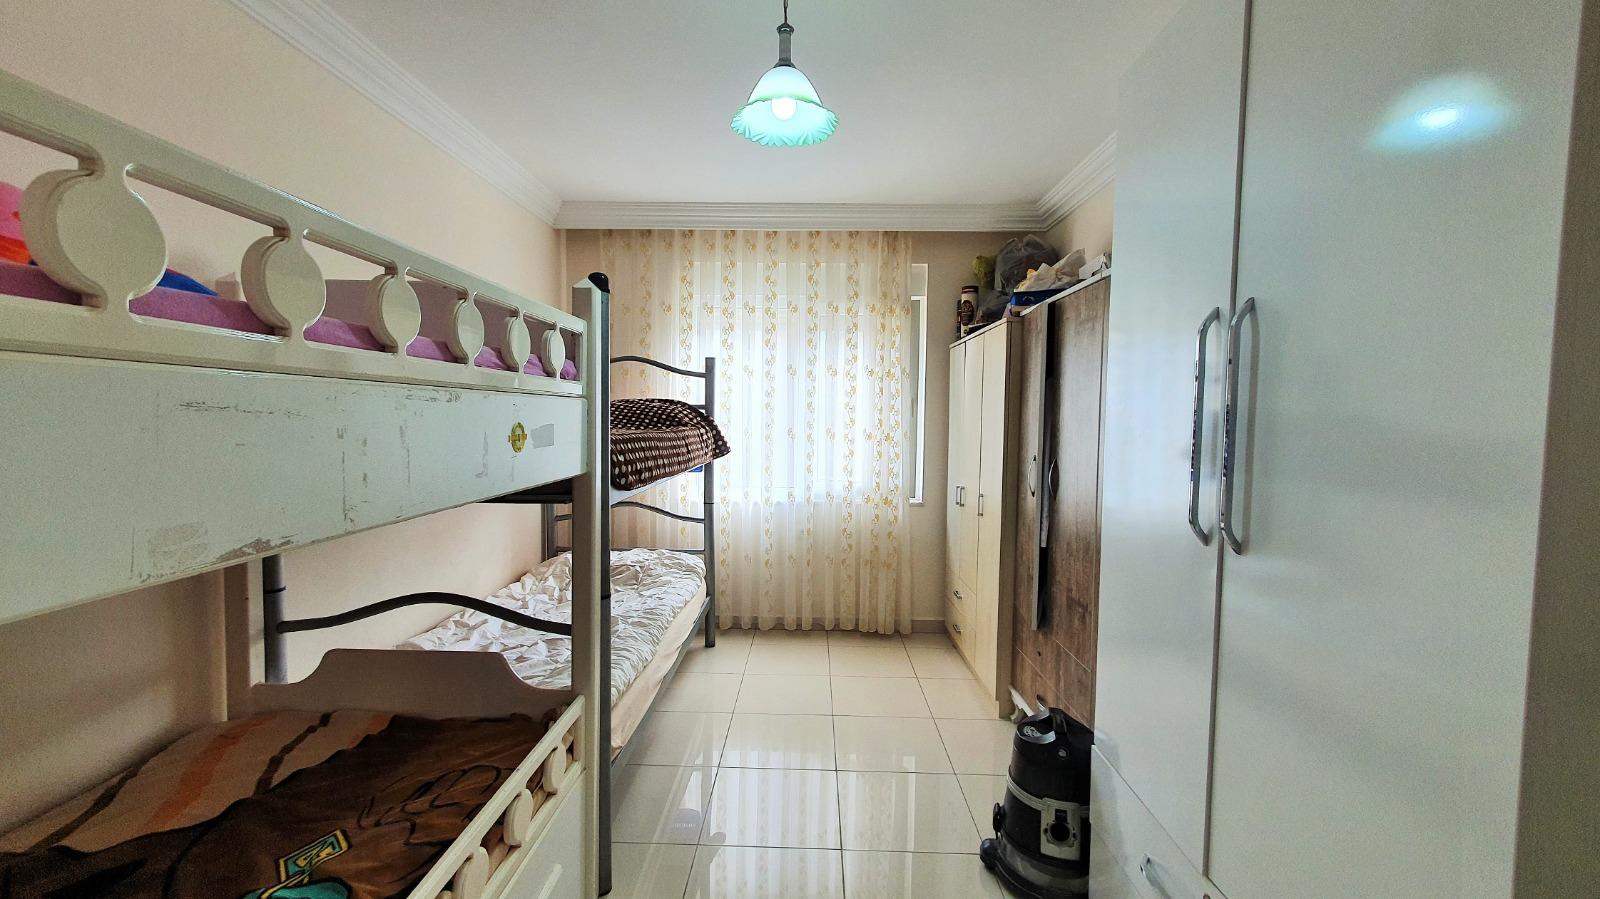 Квартира 2+1 в районе Махмутлар - Фото 22